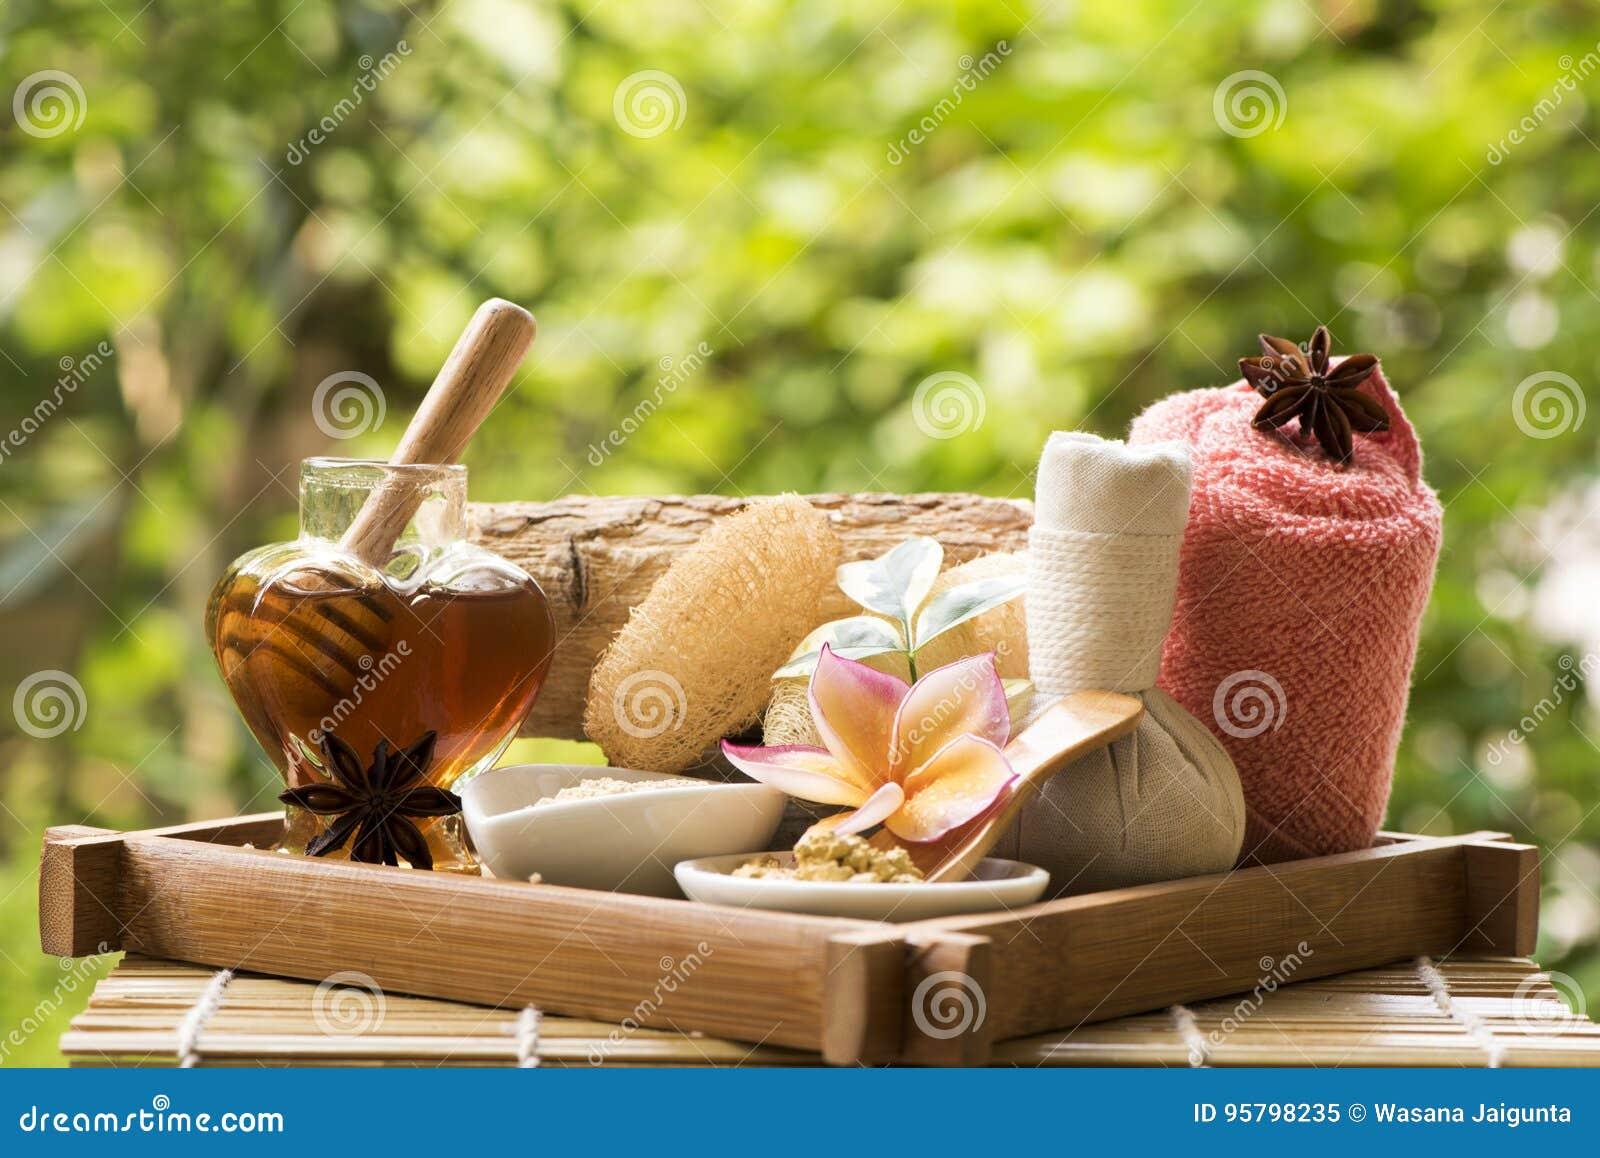 Máscara protetora com Thanaka e mel, tratamentos dos termas no fundo natural